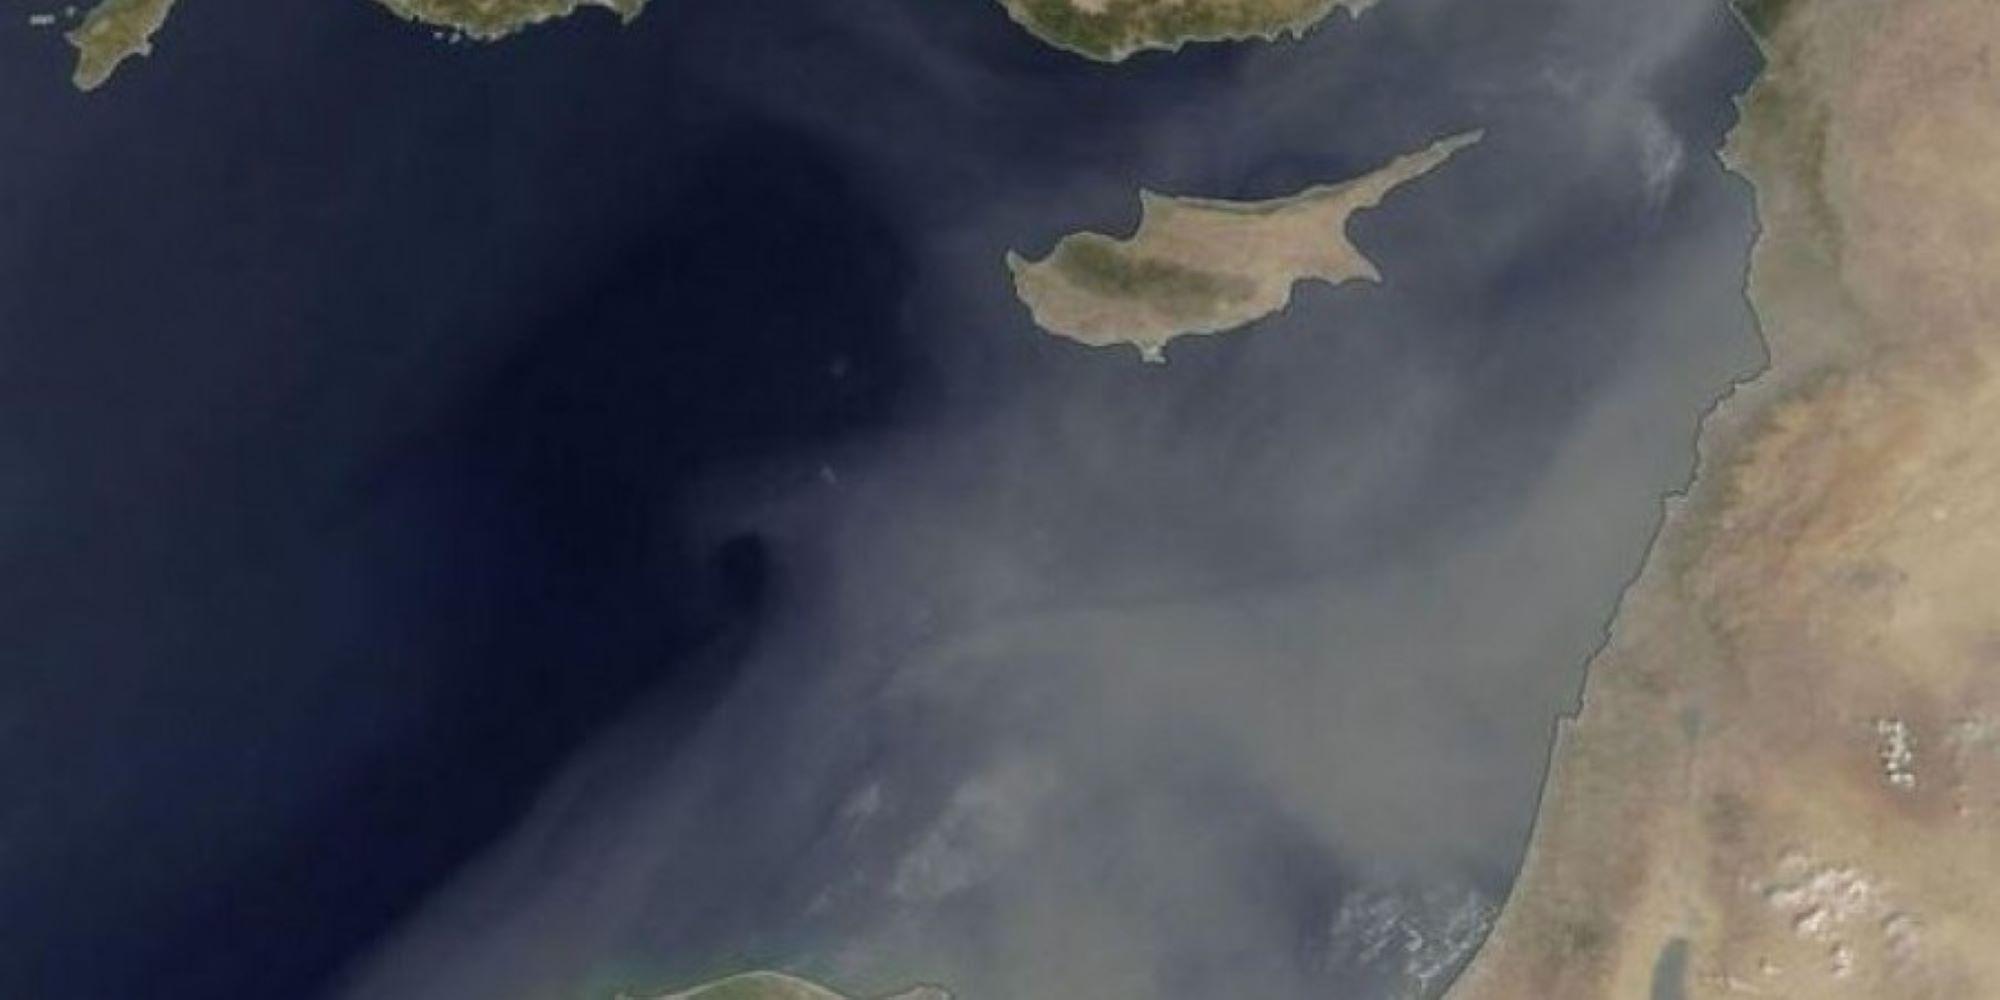 Προσοχή! Αυξημένη η σκόνη στην ατμόσφαιρα